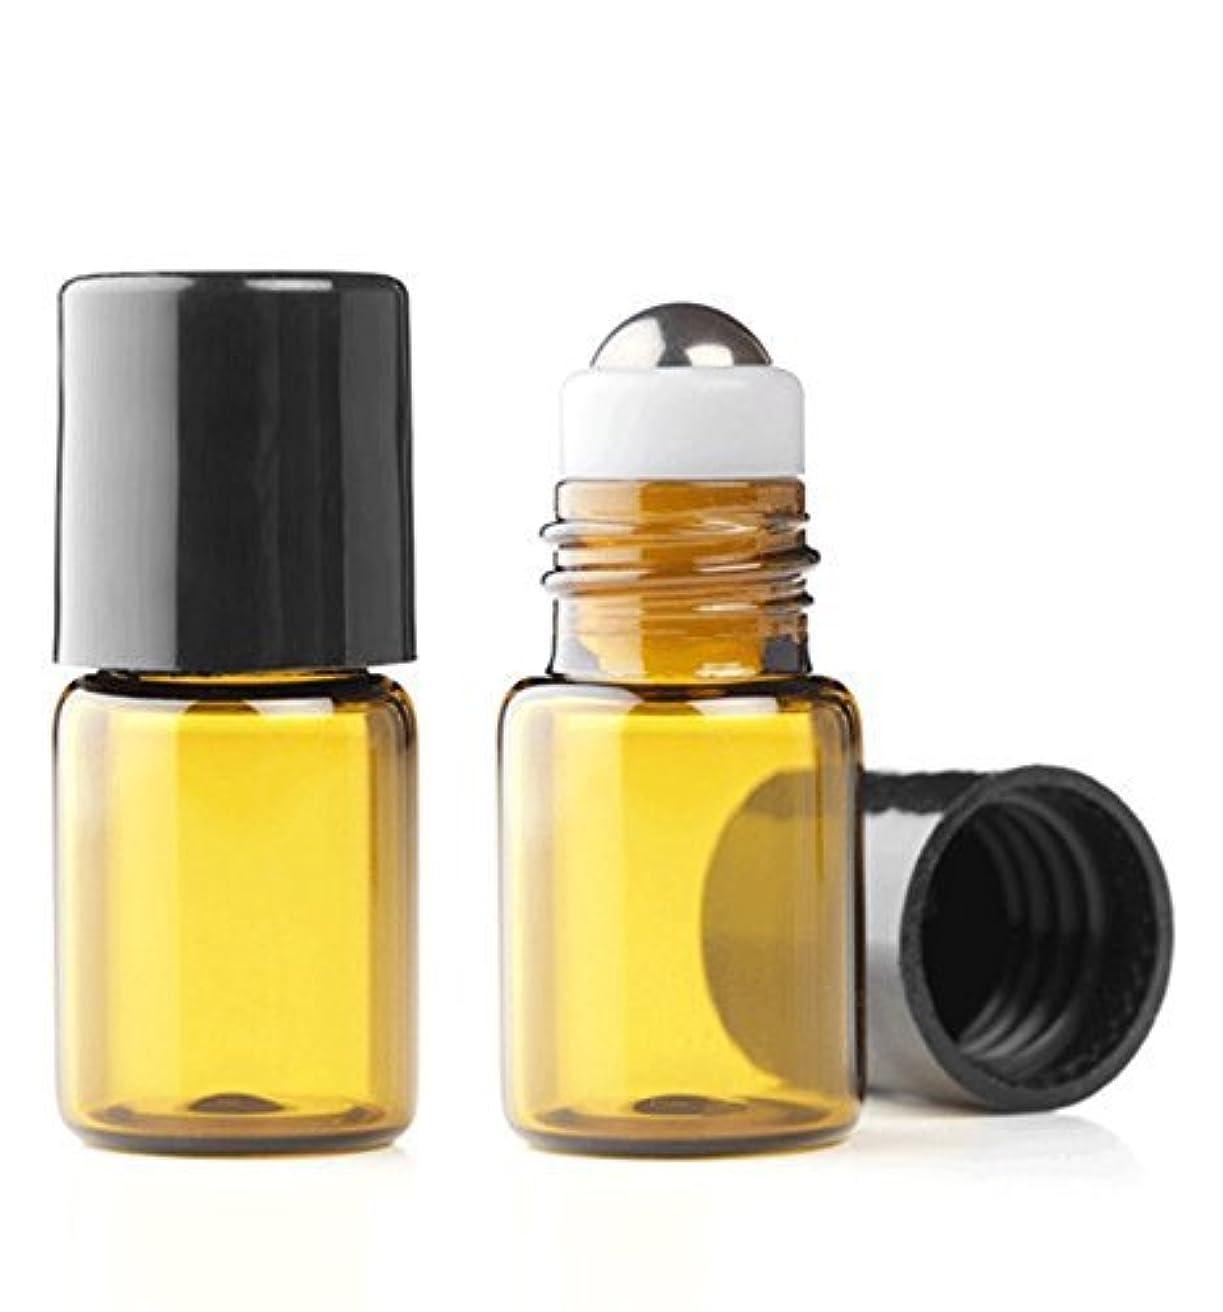 援助戦術金曜日Grand Parfums Empty 2ml Amber Glass Micro Mini Rollon Dram Glass Bottles with Metal Roller Balls - Refillable...